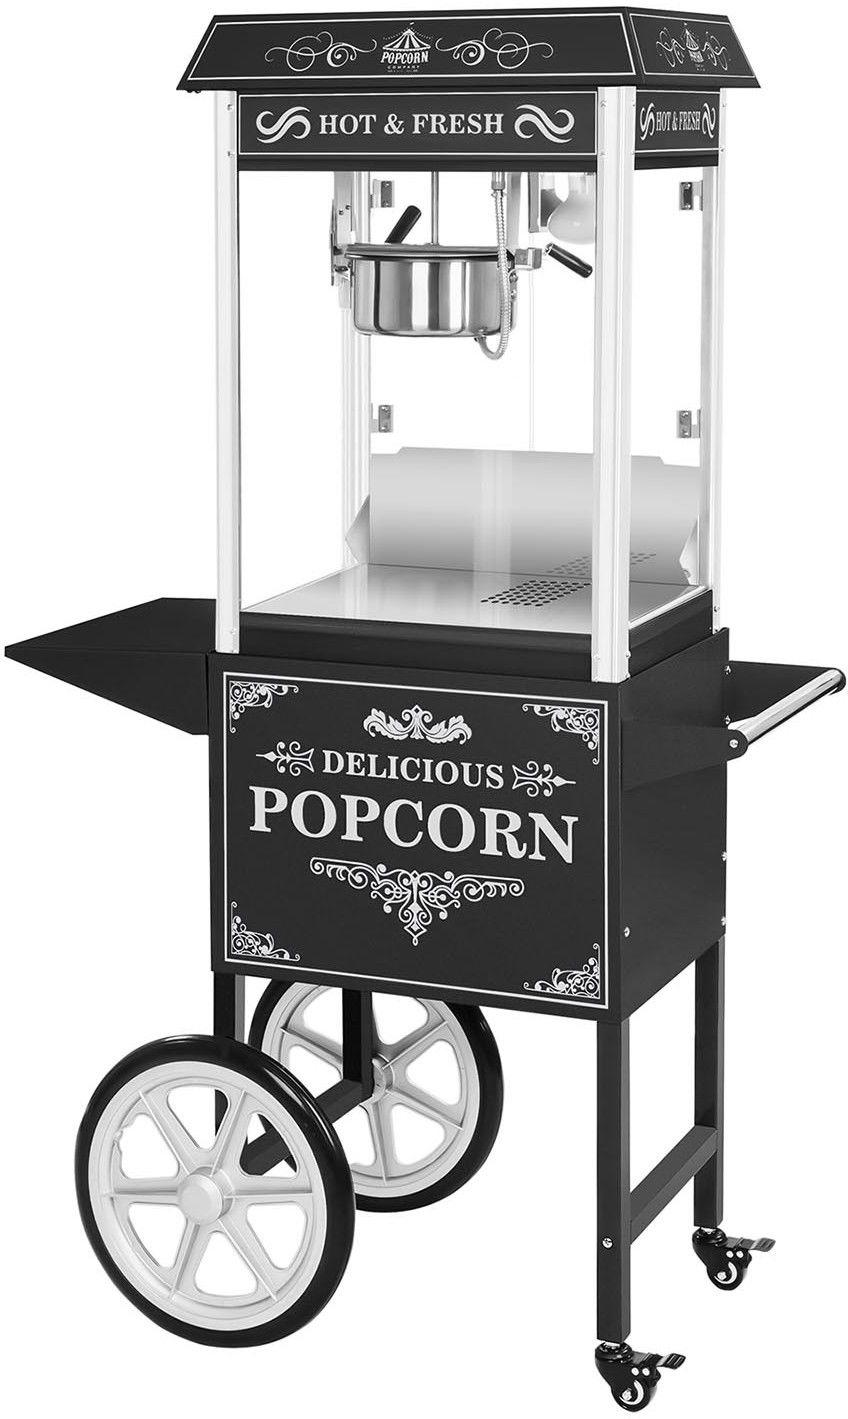 Maszyna do popcornu - wózek - czarna - Royal Catering - RCPW.16.2 - 3 lata gwarancji/wysyłka w 24h